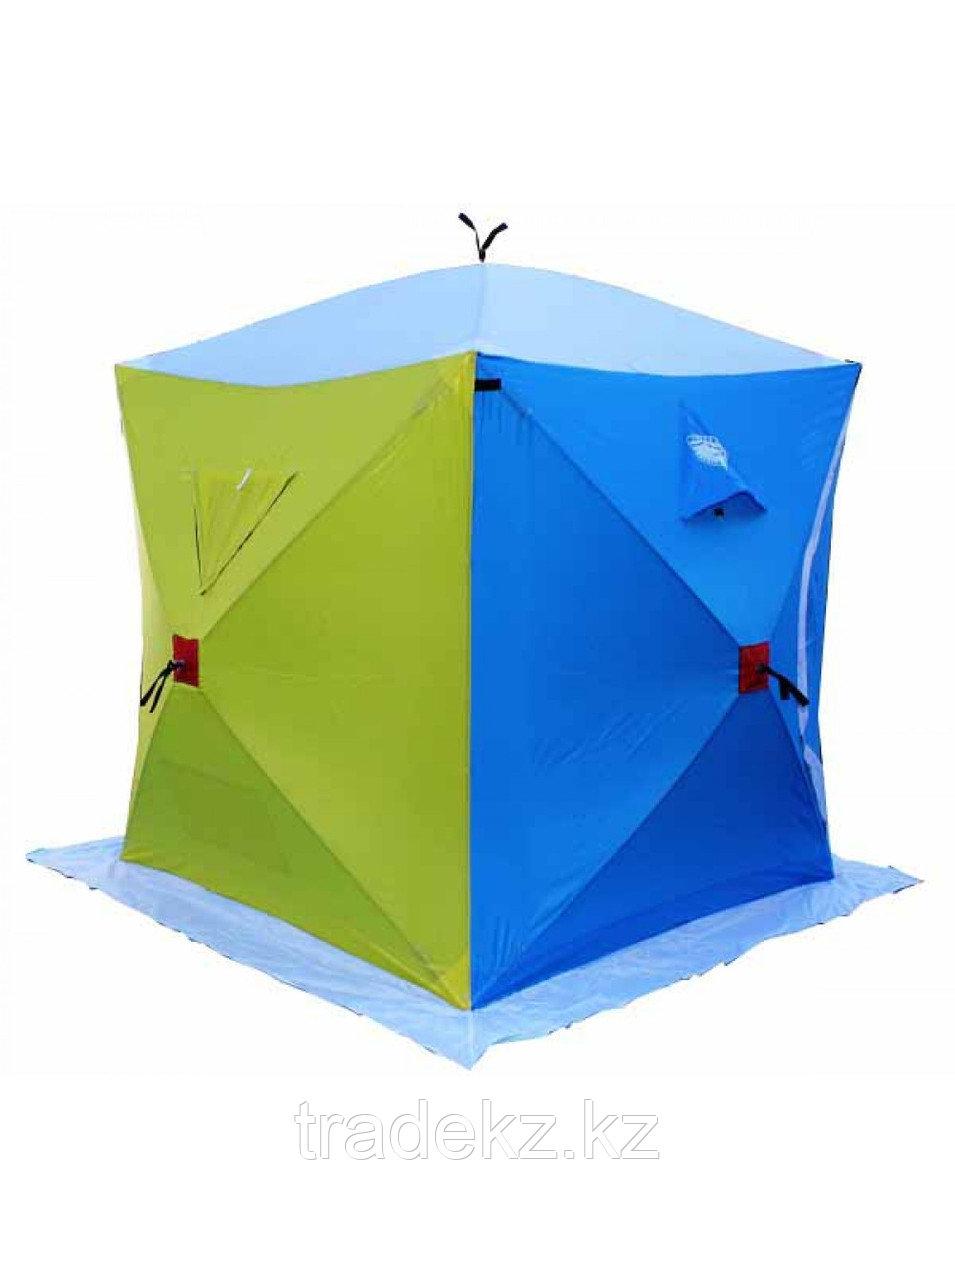 """Палатка для зимней рыбалки куб """"CONDOR"""" двухслойная 1,65х1,65х1,85 м, JX-0126"""